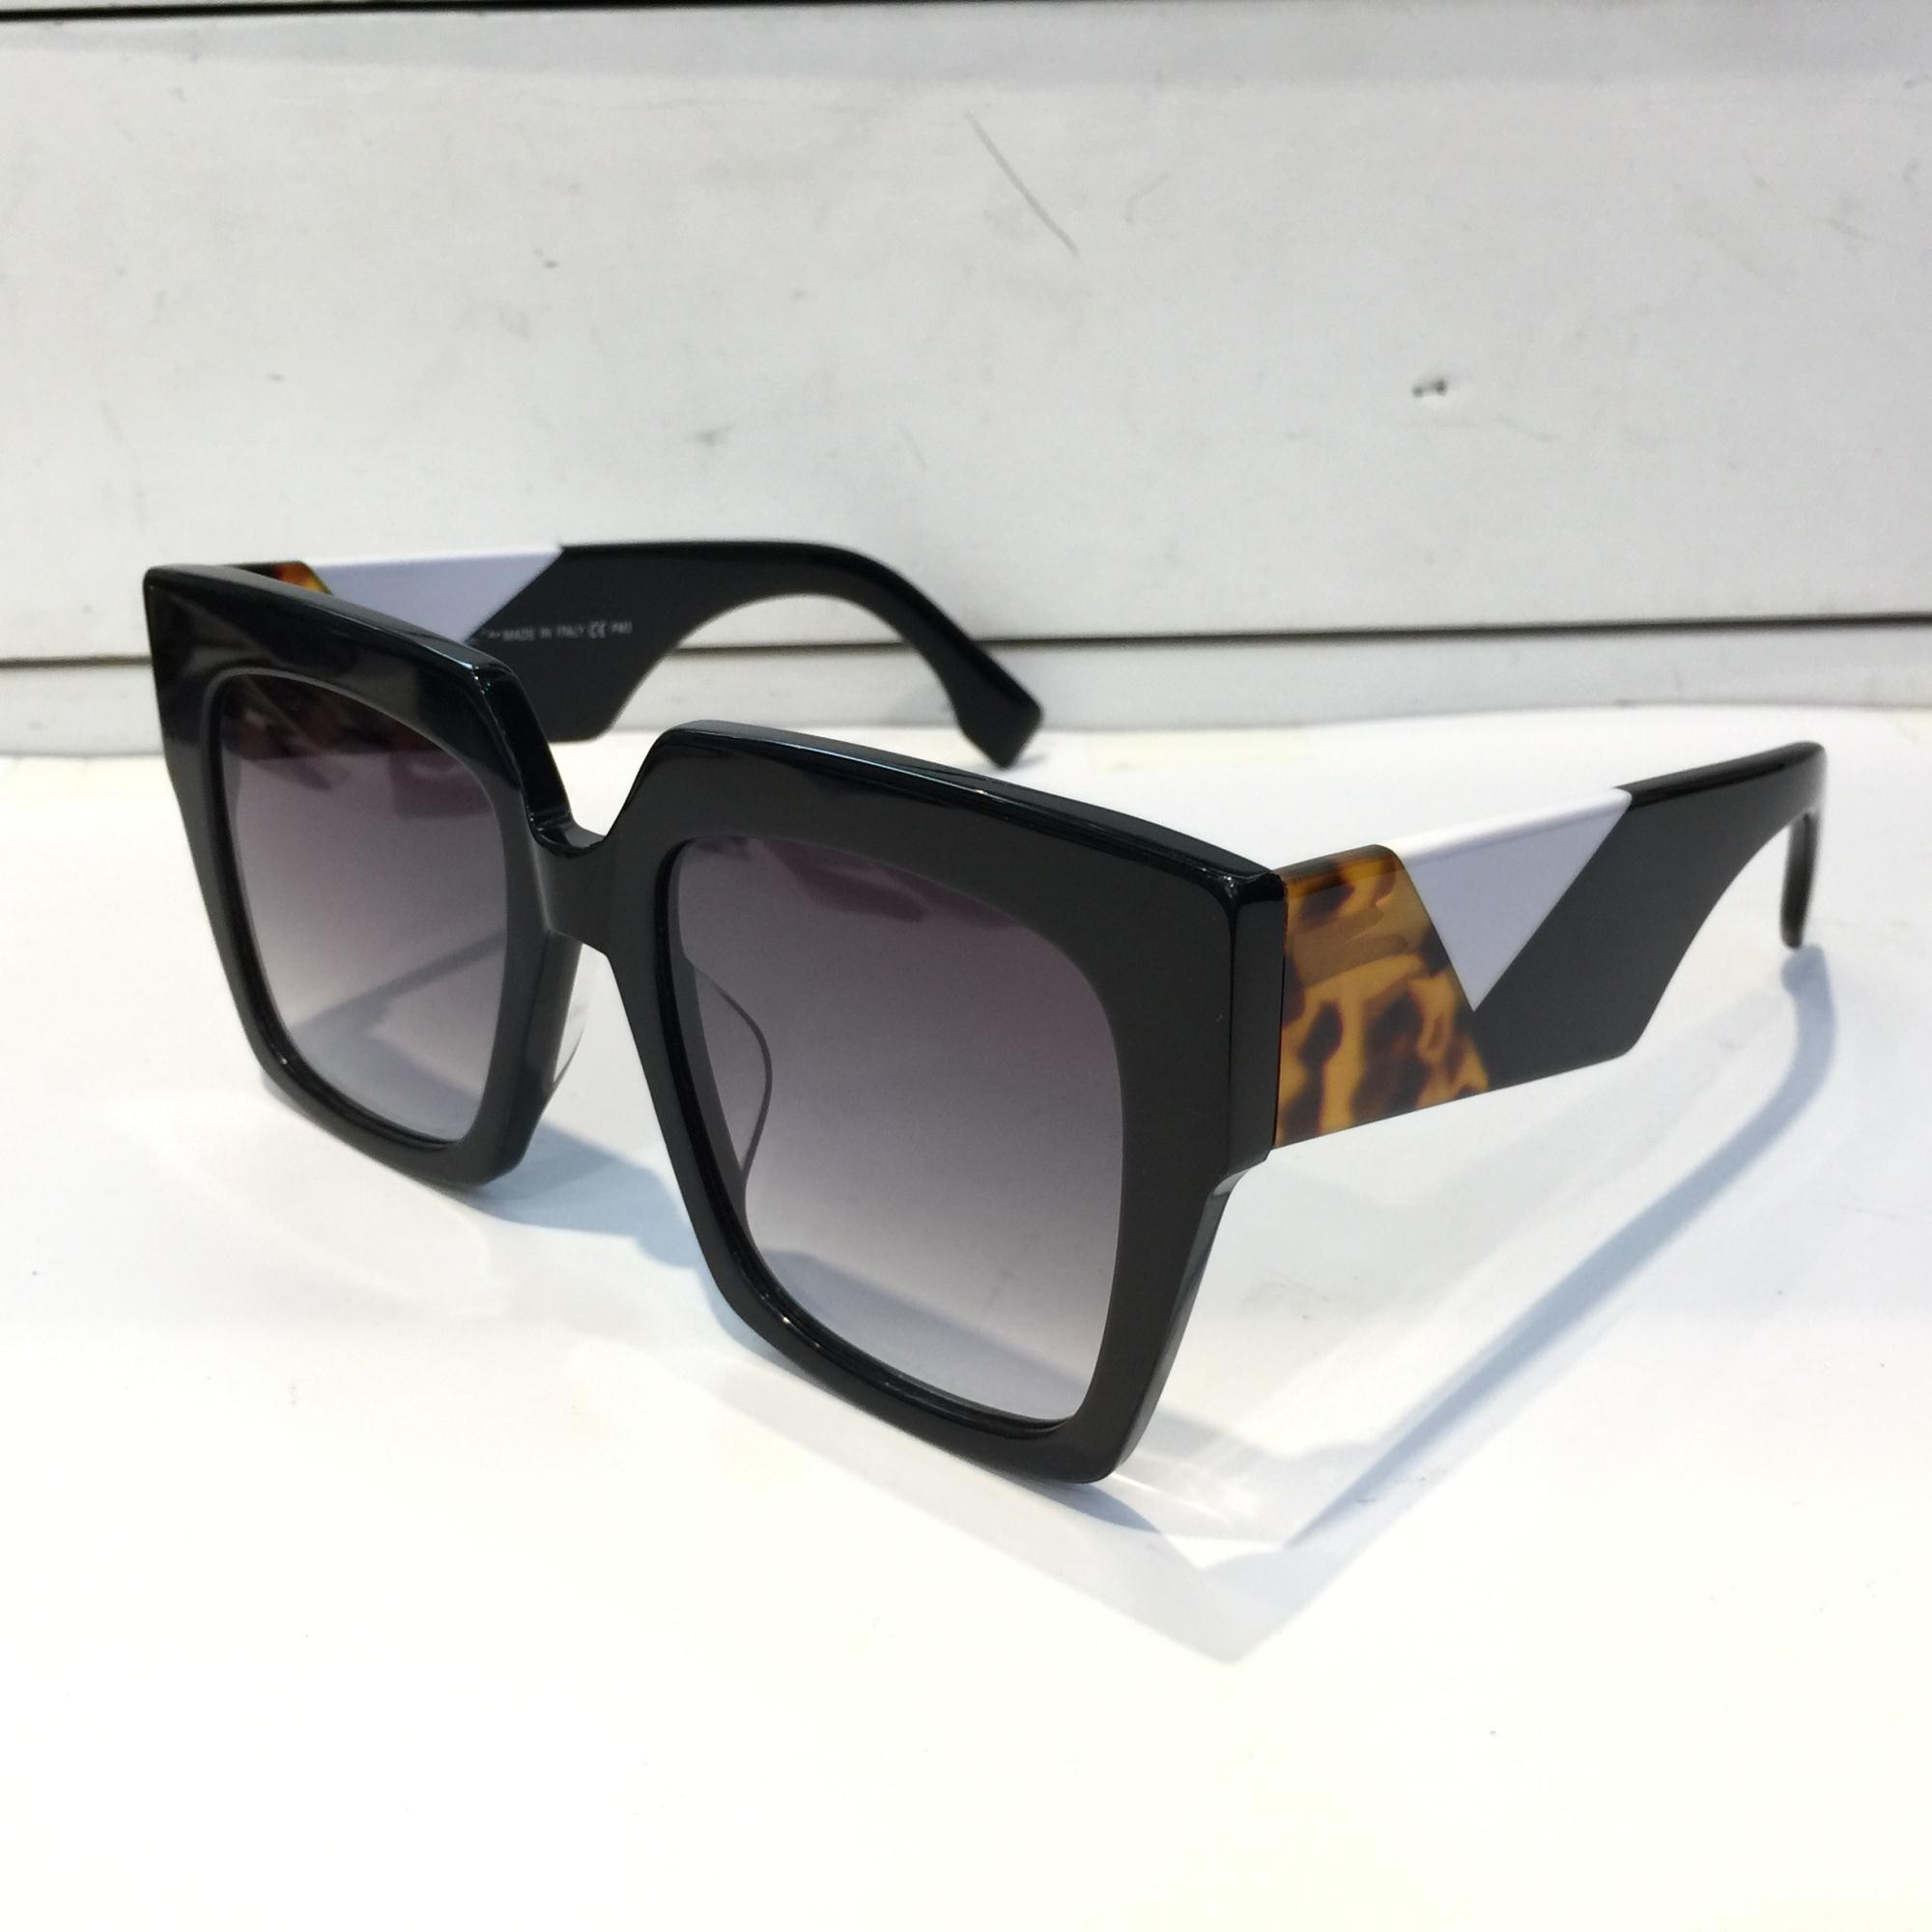 نظارات شمسية سكوير نظارات شمسية حزم أزياء ساحرة مع خالية من الأشعة فوق البنفسجية مصمم النساء الشعبية تعال top delivery quali uaiko